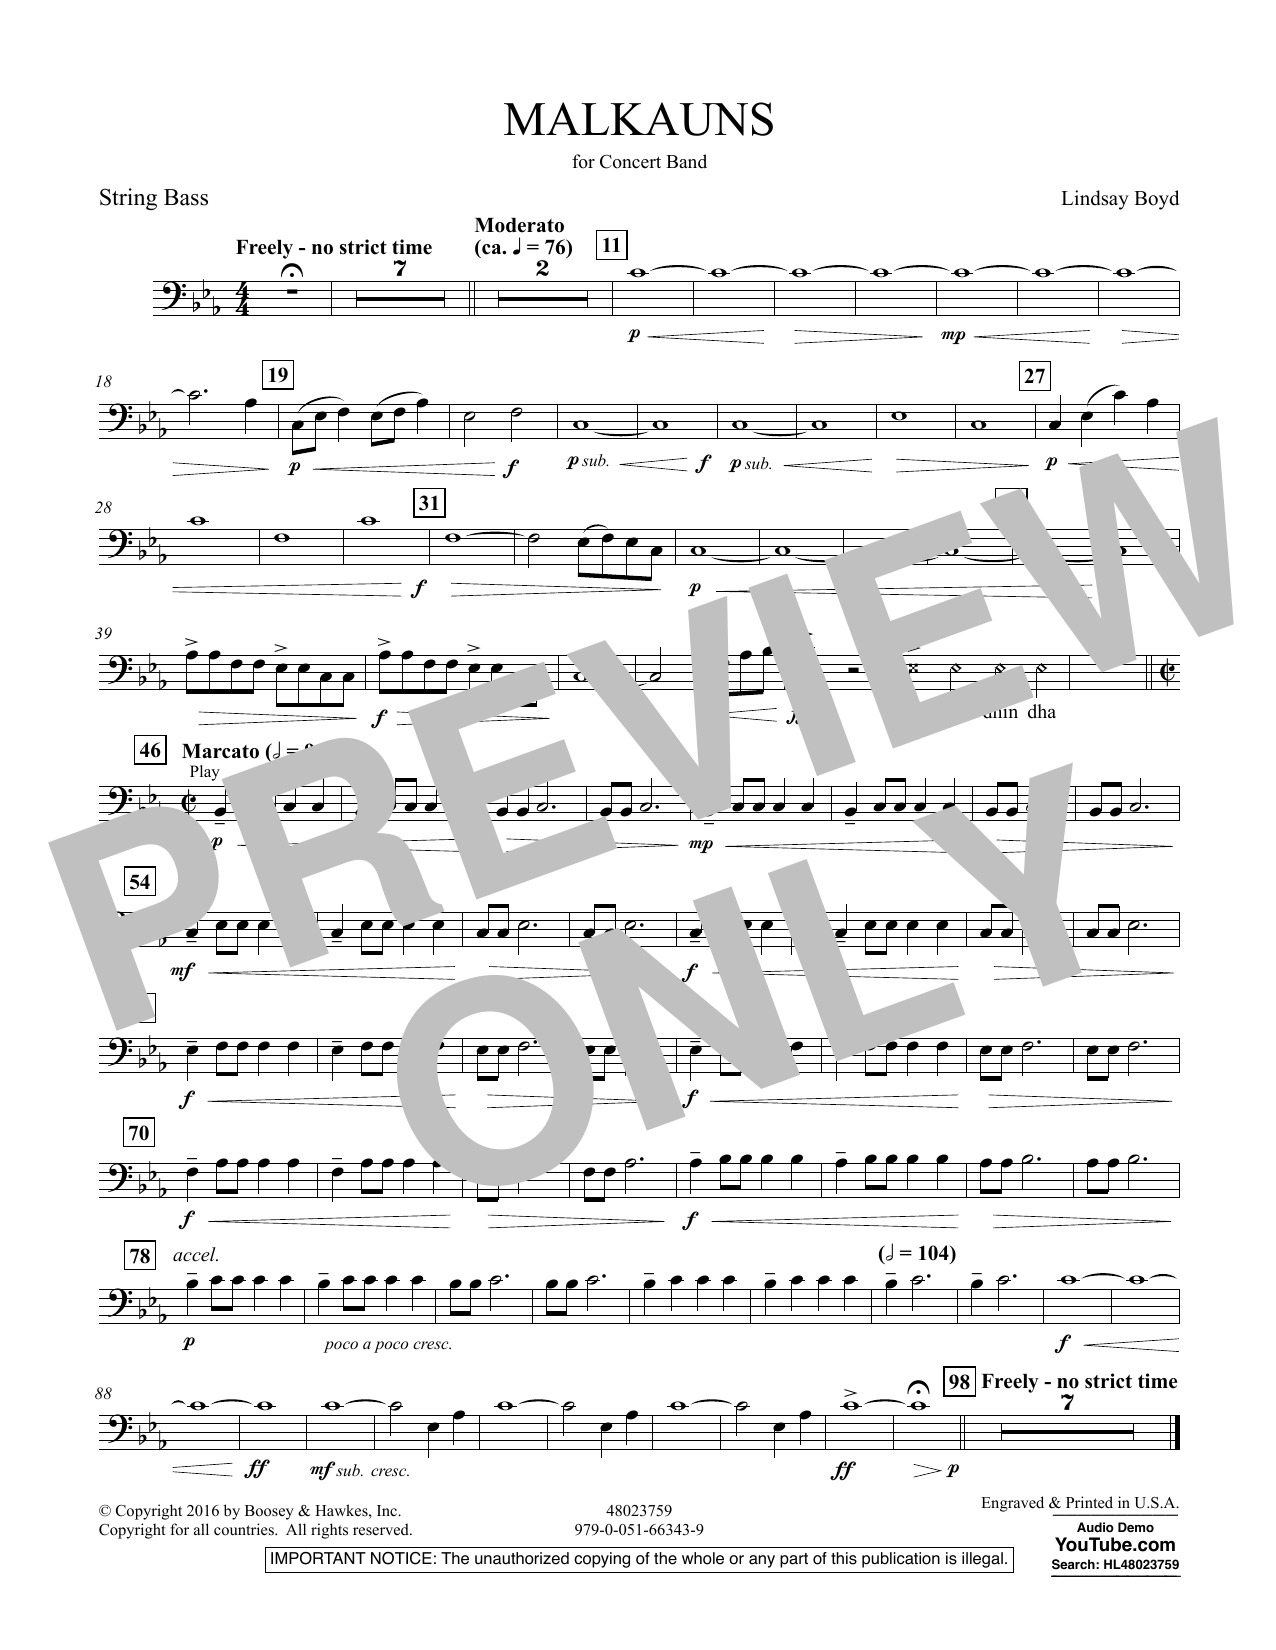 Malkauns - String Bass Sheet Music